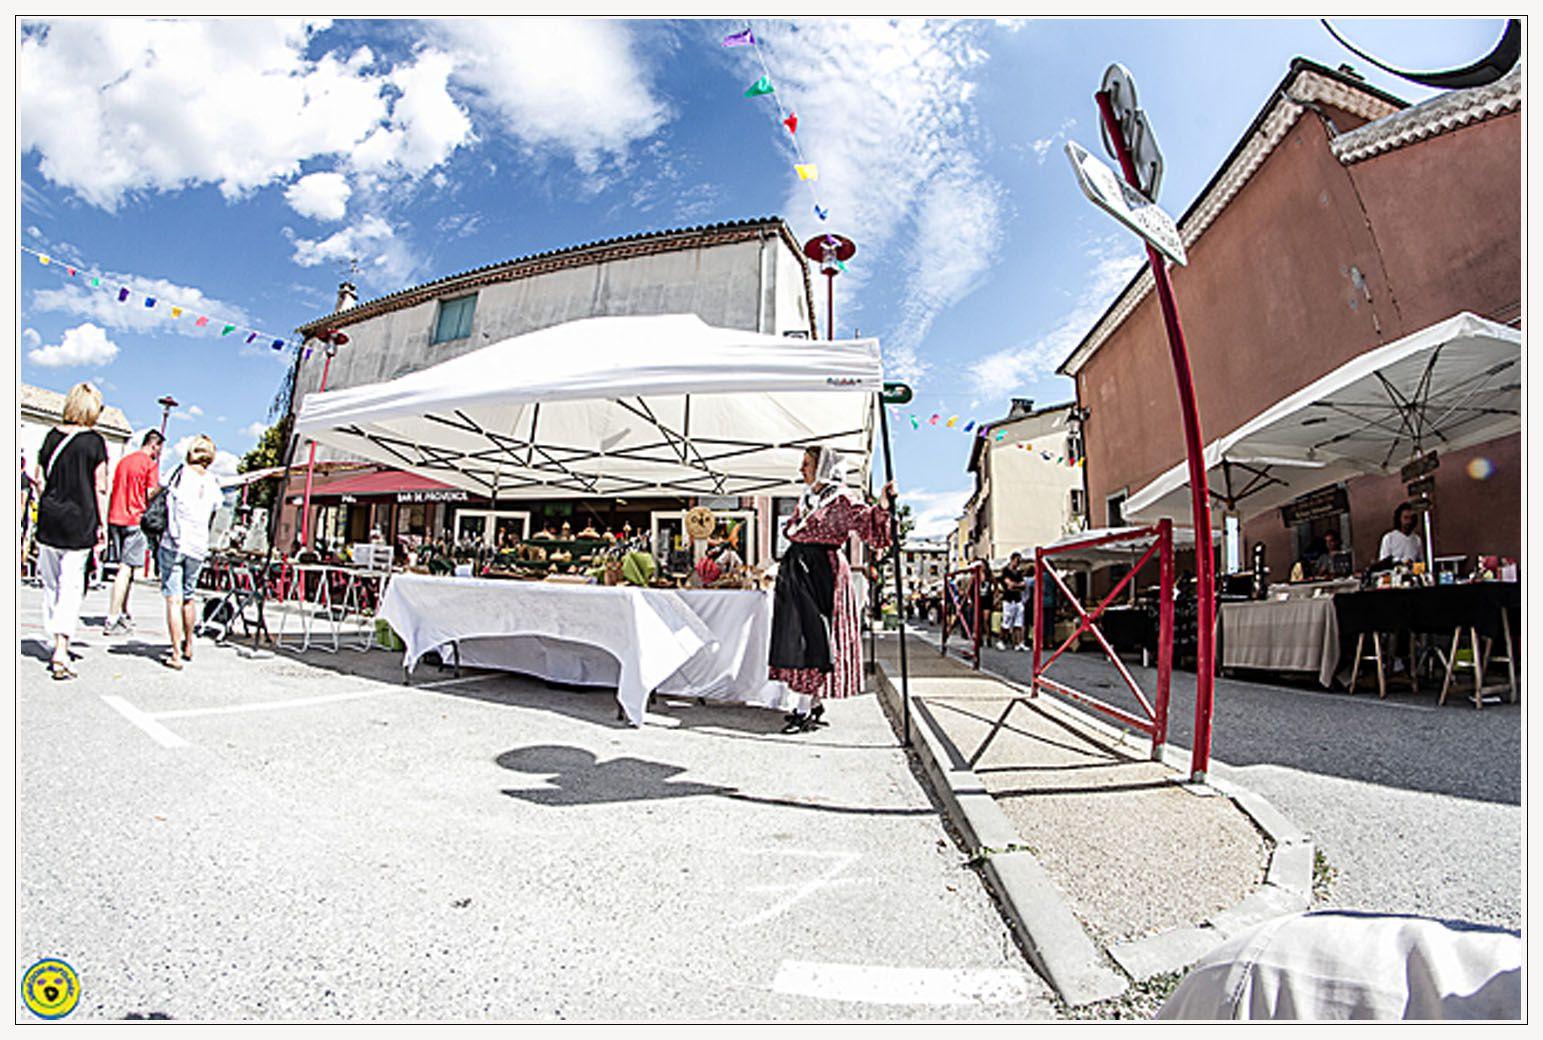 photos André Laugier et l'association Verdon-info (Odile , Maurice Christian)